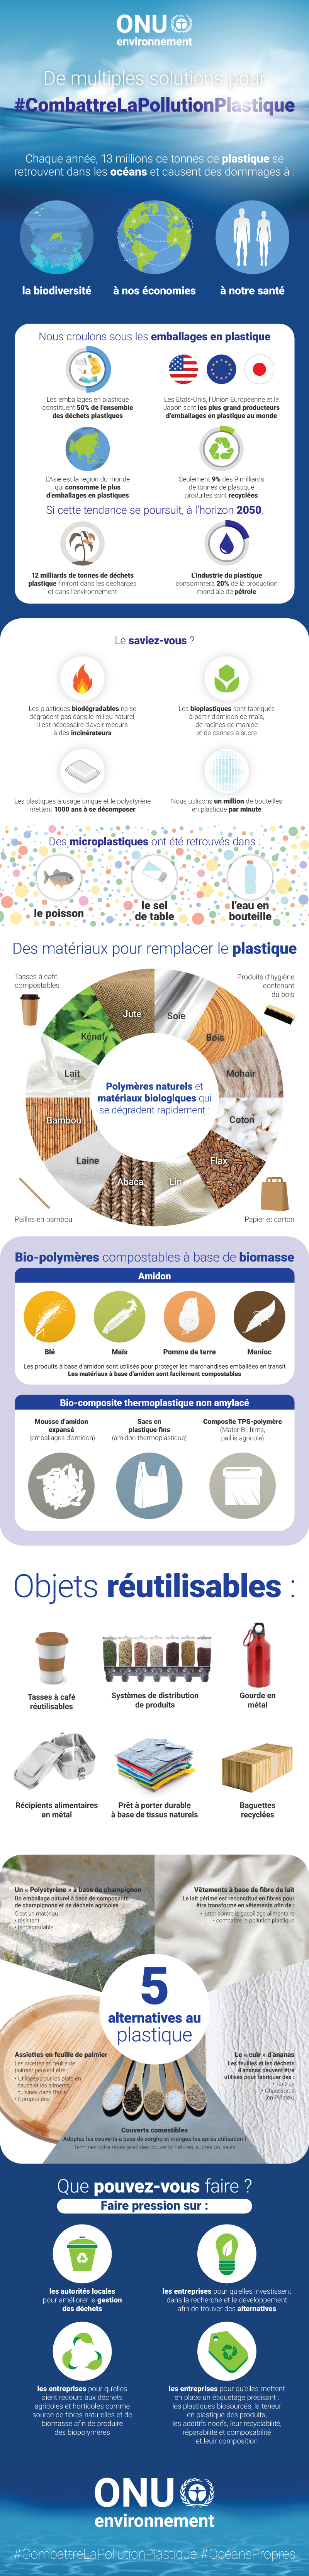 FR_PlasticeAlternatives_Infographic.jpg